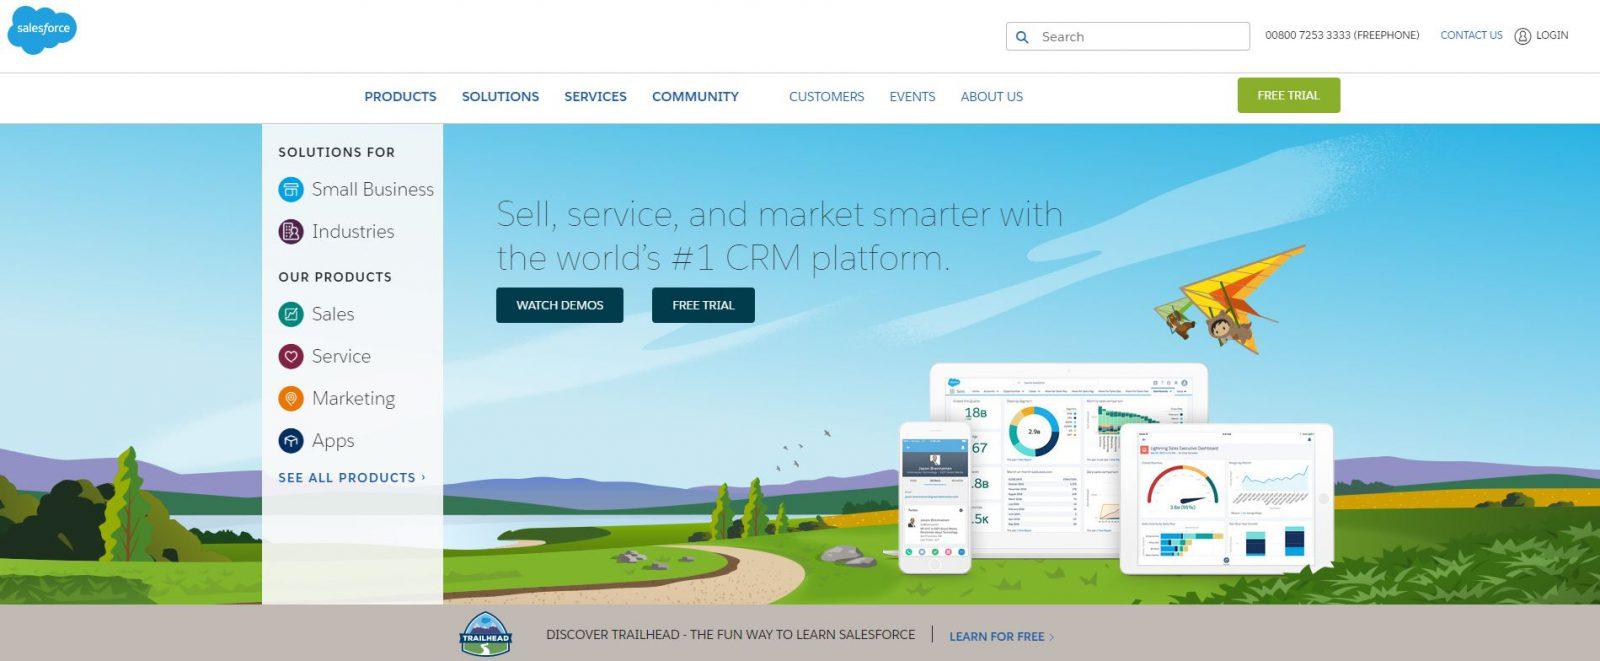 Salesforce website in 2018 redesign example